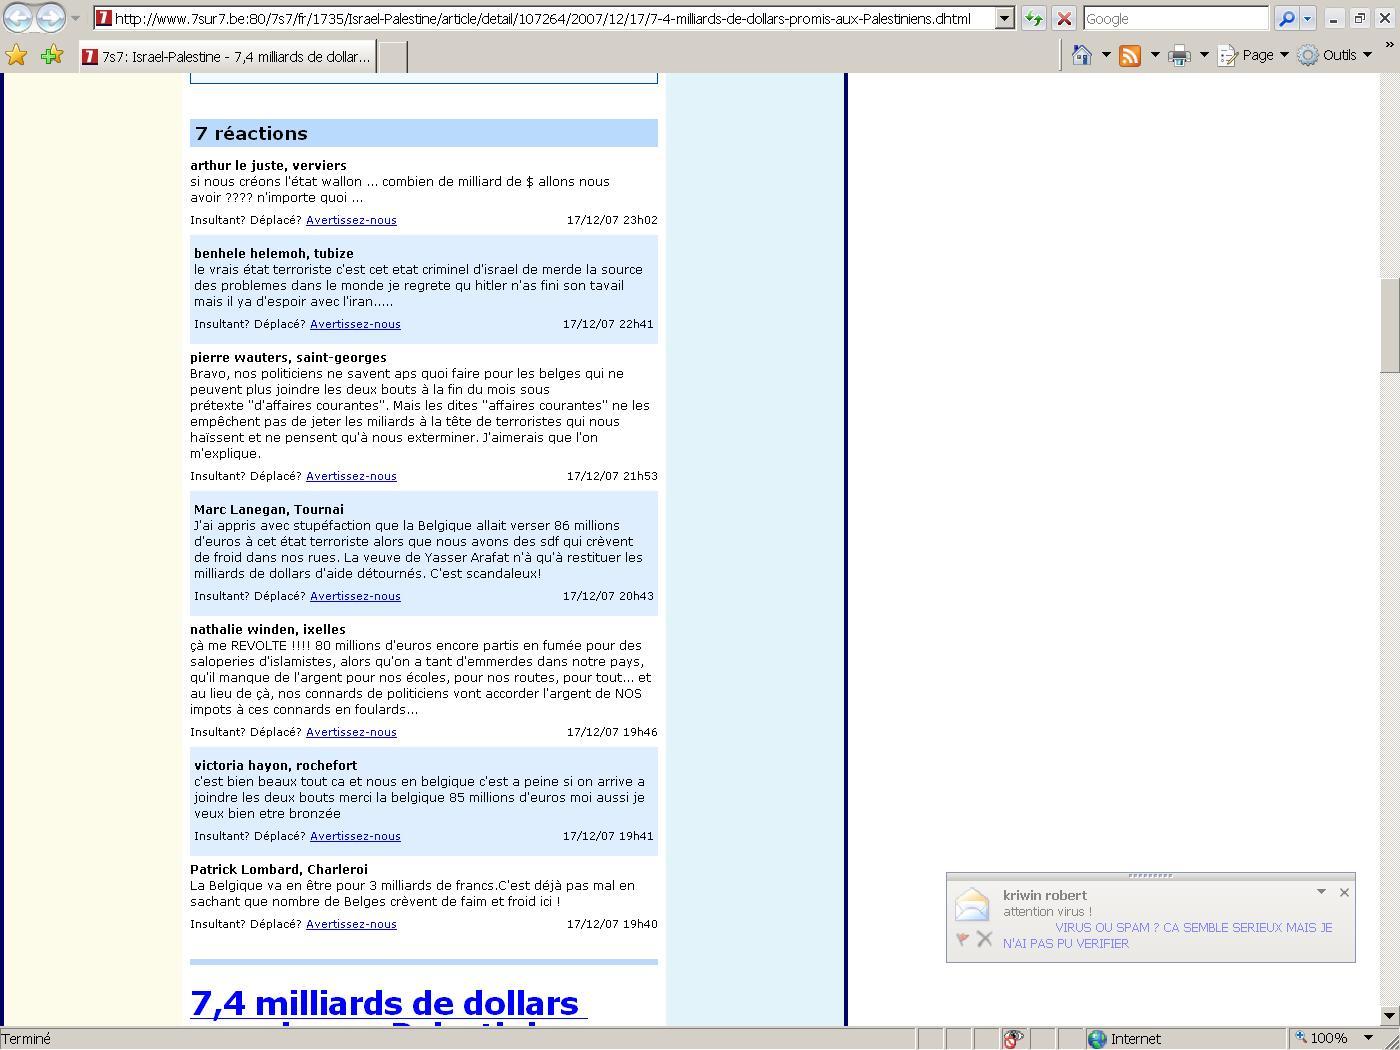 Commentaires antisémites sur le site www.7sur7.be